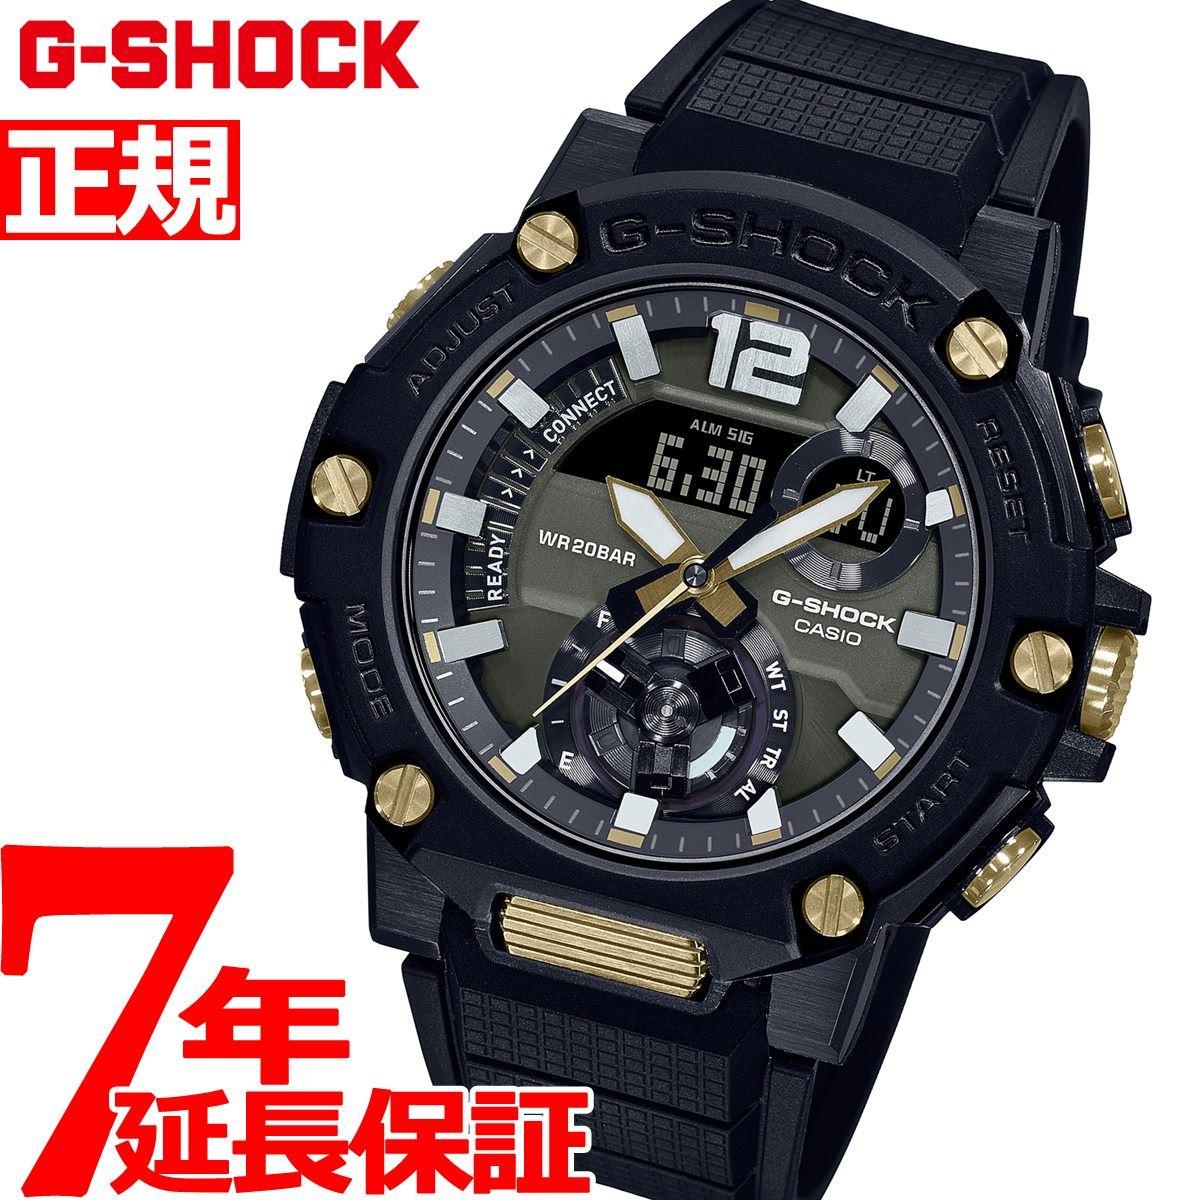 腕時計, メンズ腕時計 502000OFF6352359G-SHOCK G-STEEL G G CASIO GST-B300B-1AJF2021